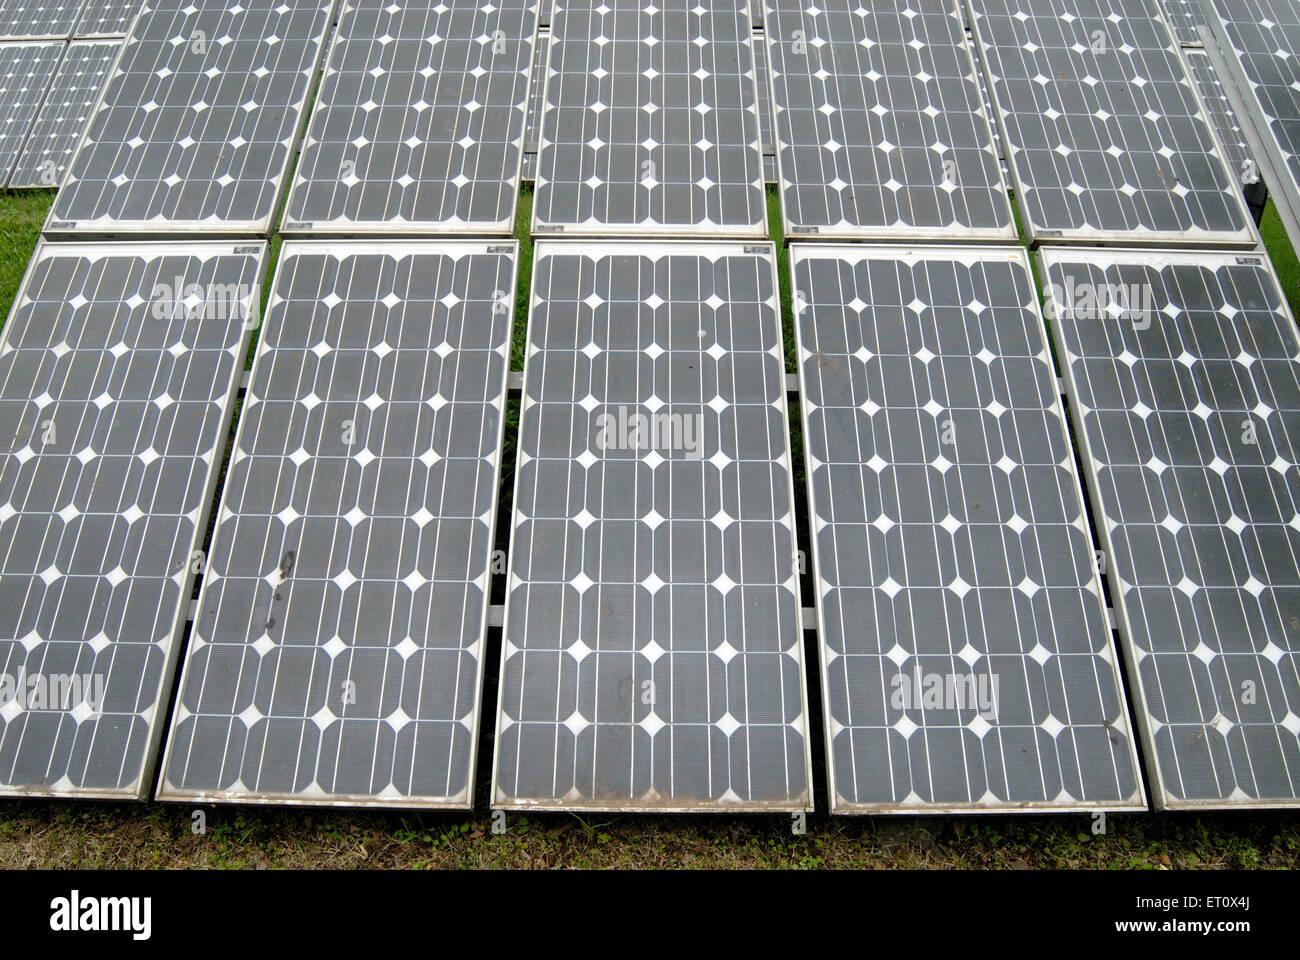 Alimentation non conventionnelles; l'énergie solaire; les cellules photovoltaïques à Photo Stock